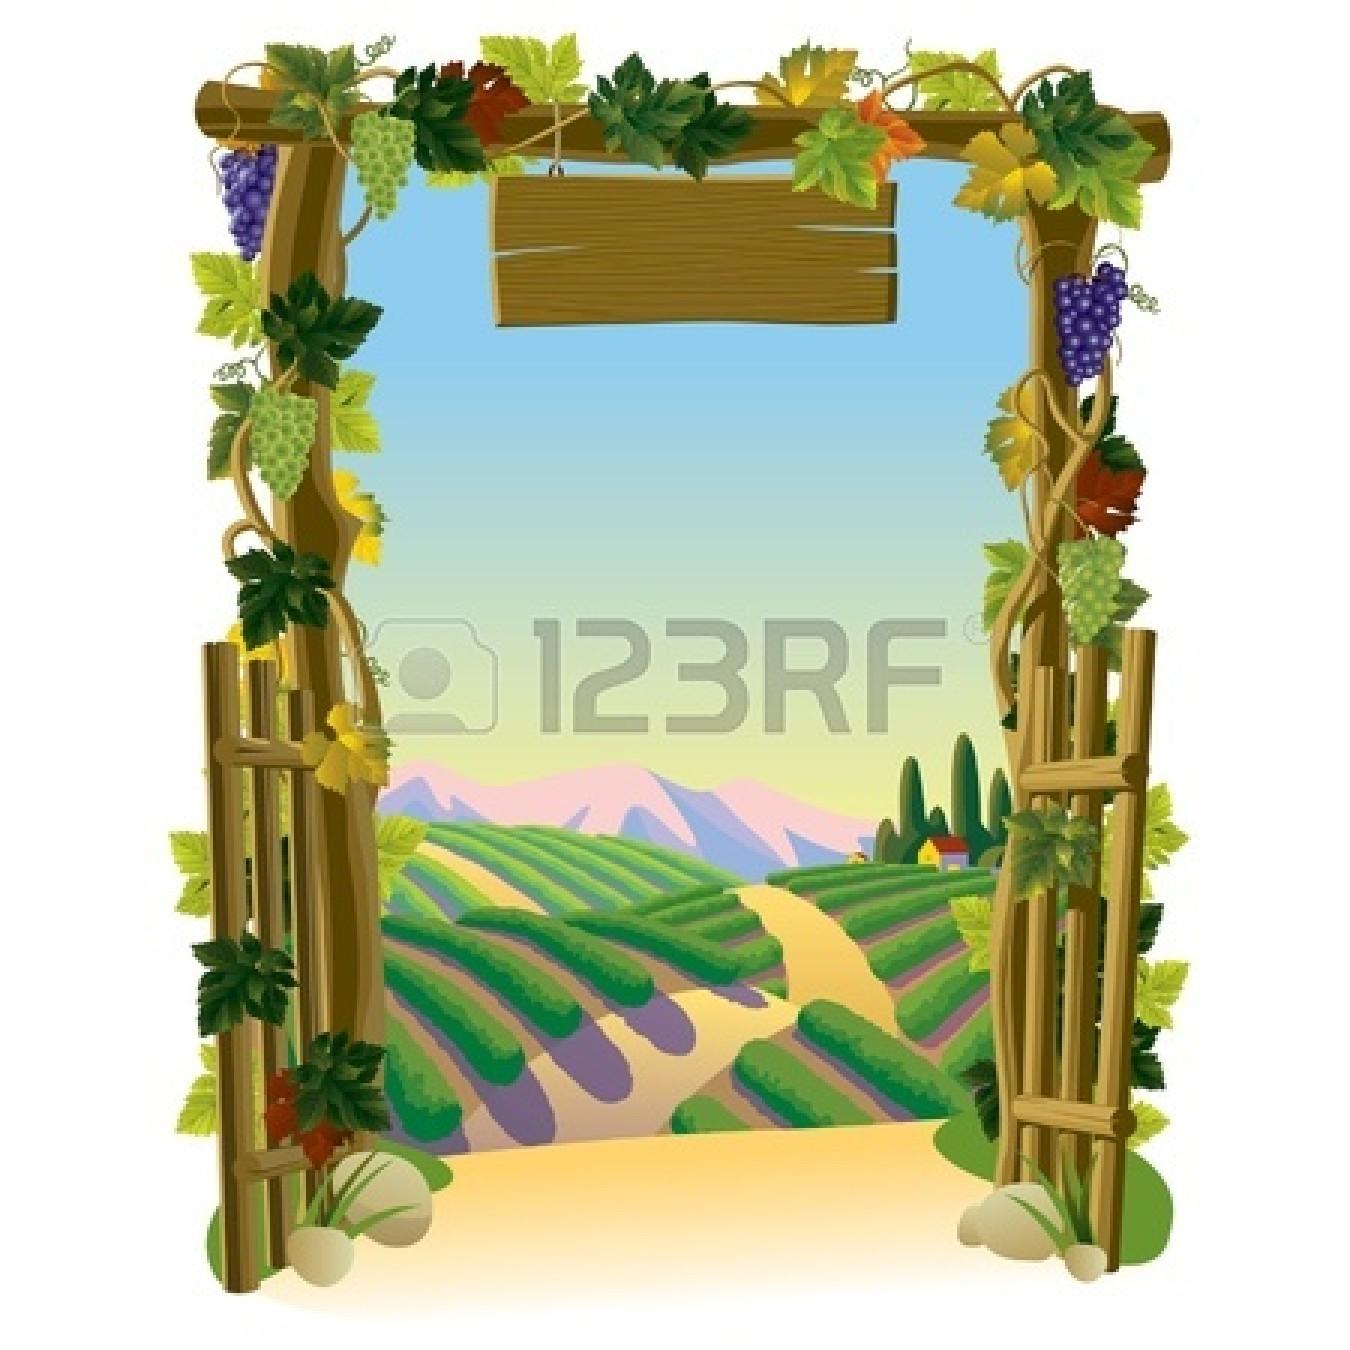 1350x1350 Zoo Gate Clipart